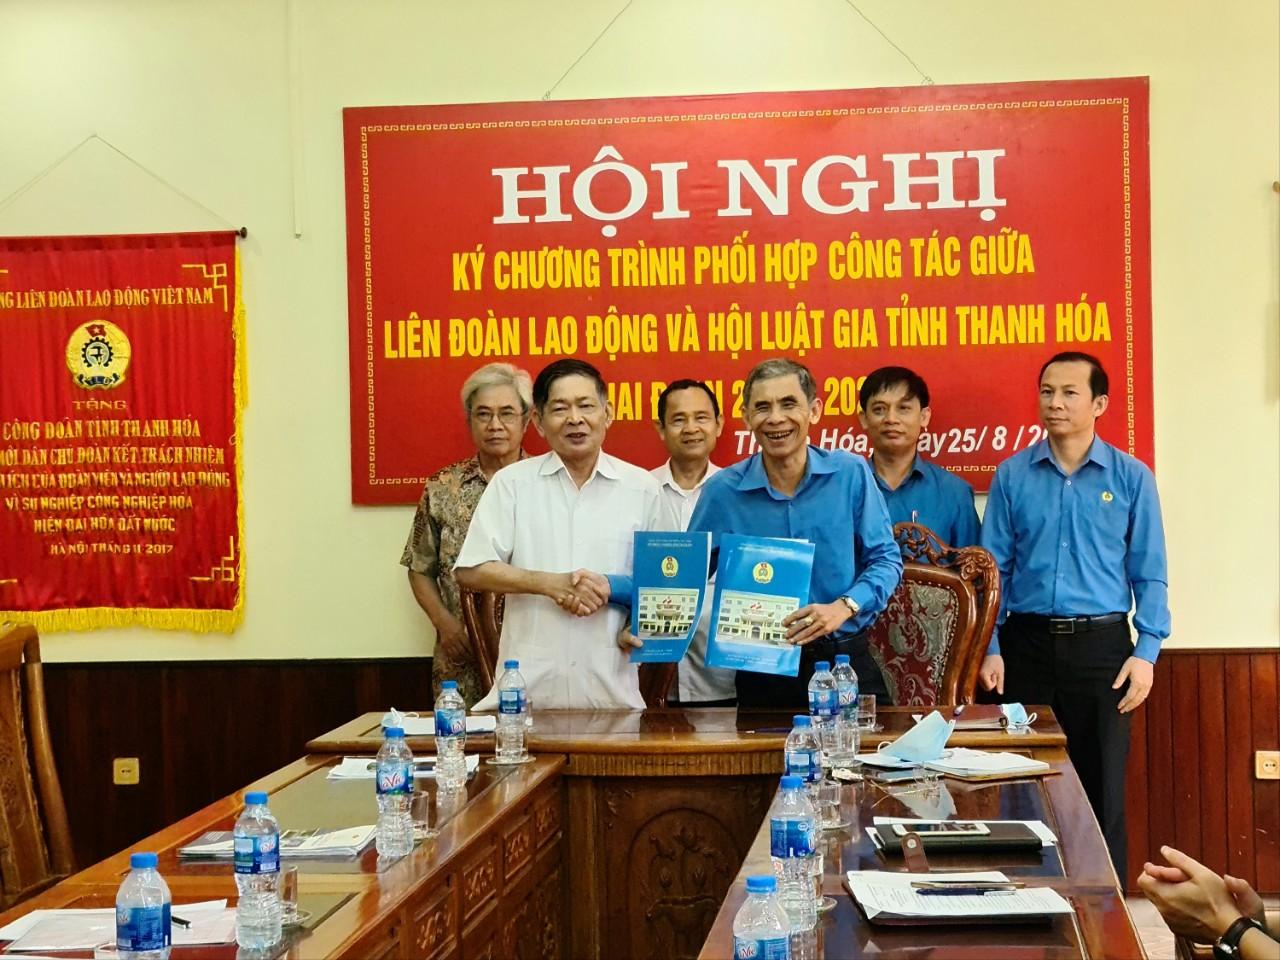 Ký kết chương trình phối hợp công tác giữa Liên đoàn Lao động và Hội Luật gia tỉnh Thanh Hóa